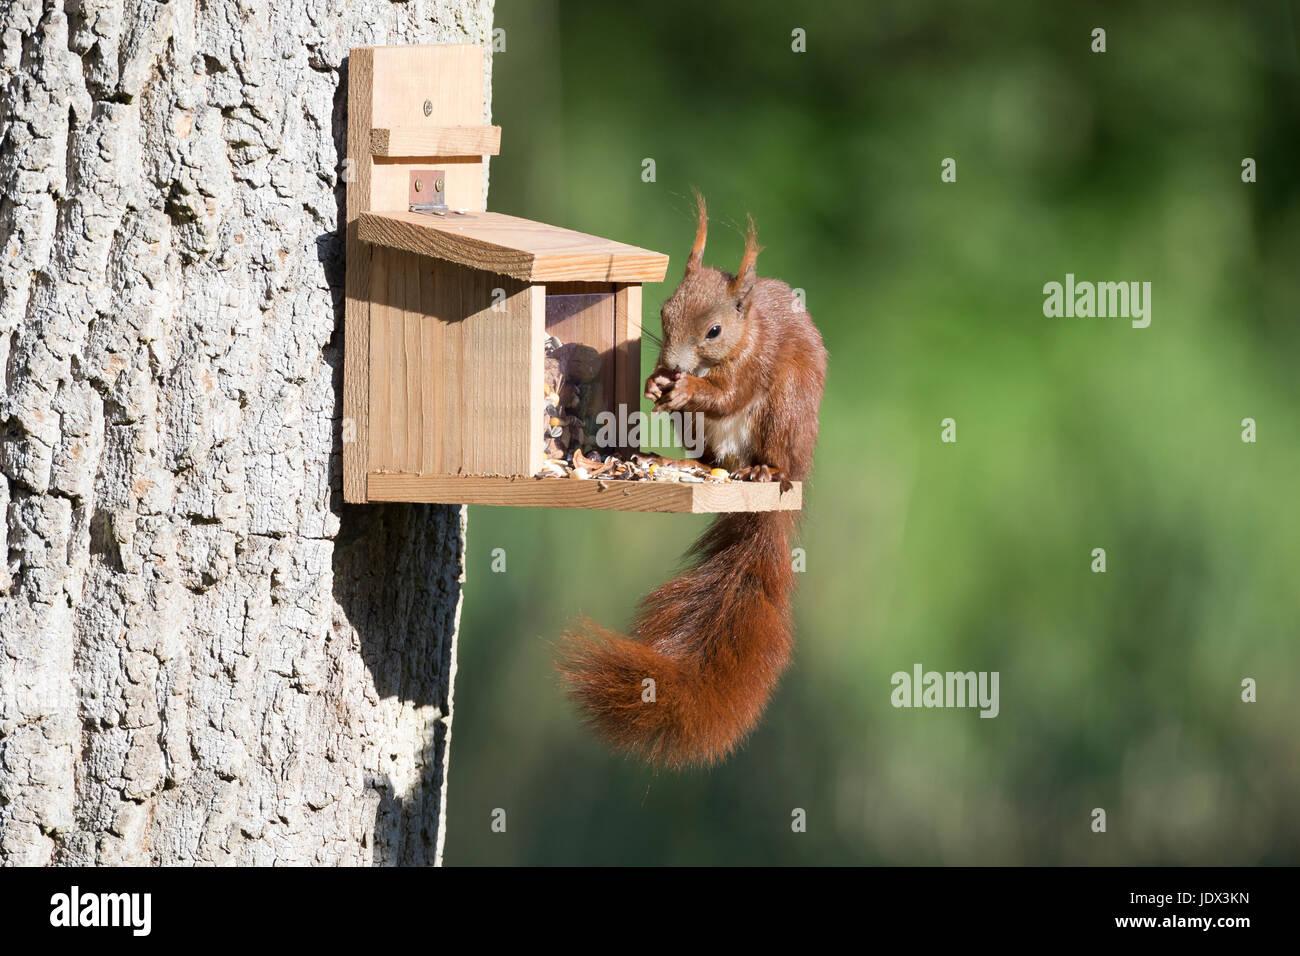 Futterstation Eichhörnchen Futterhaus Futterbox